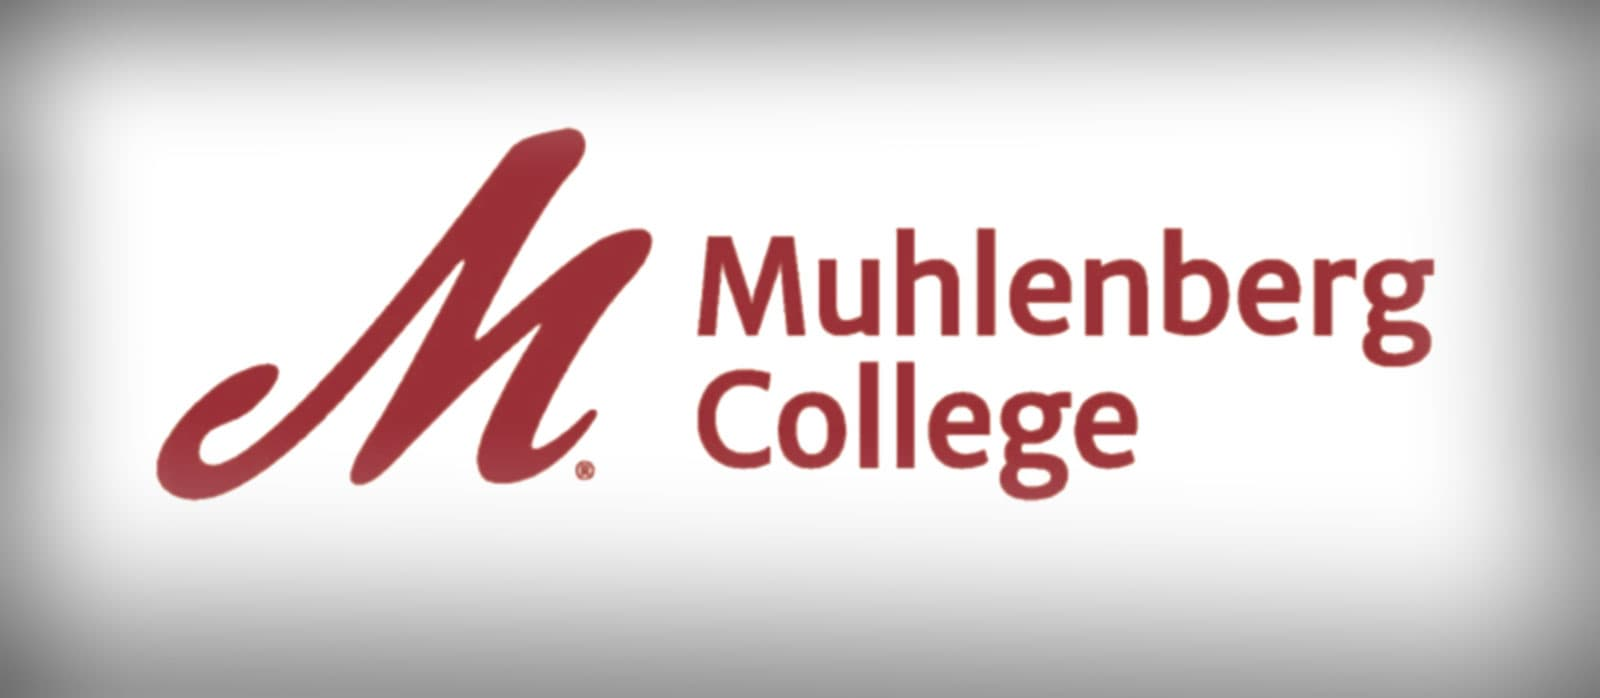 Allentown, I Heart Muhlenberg